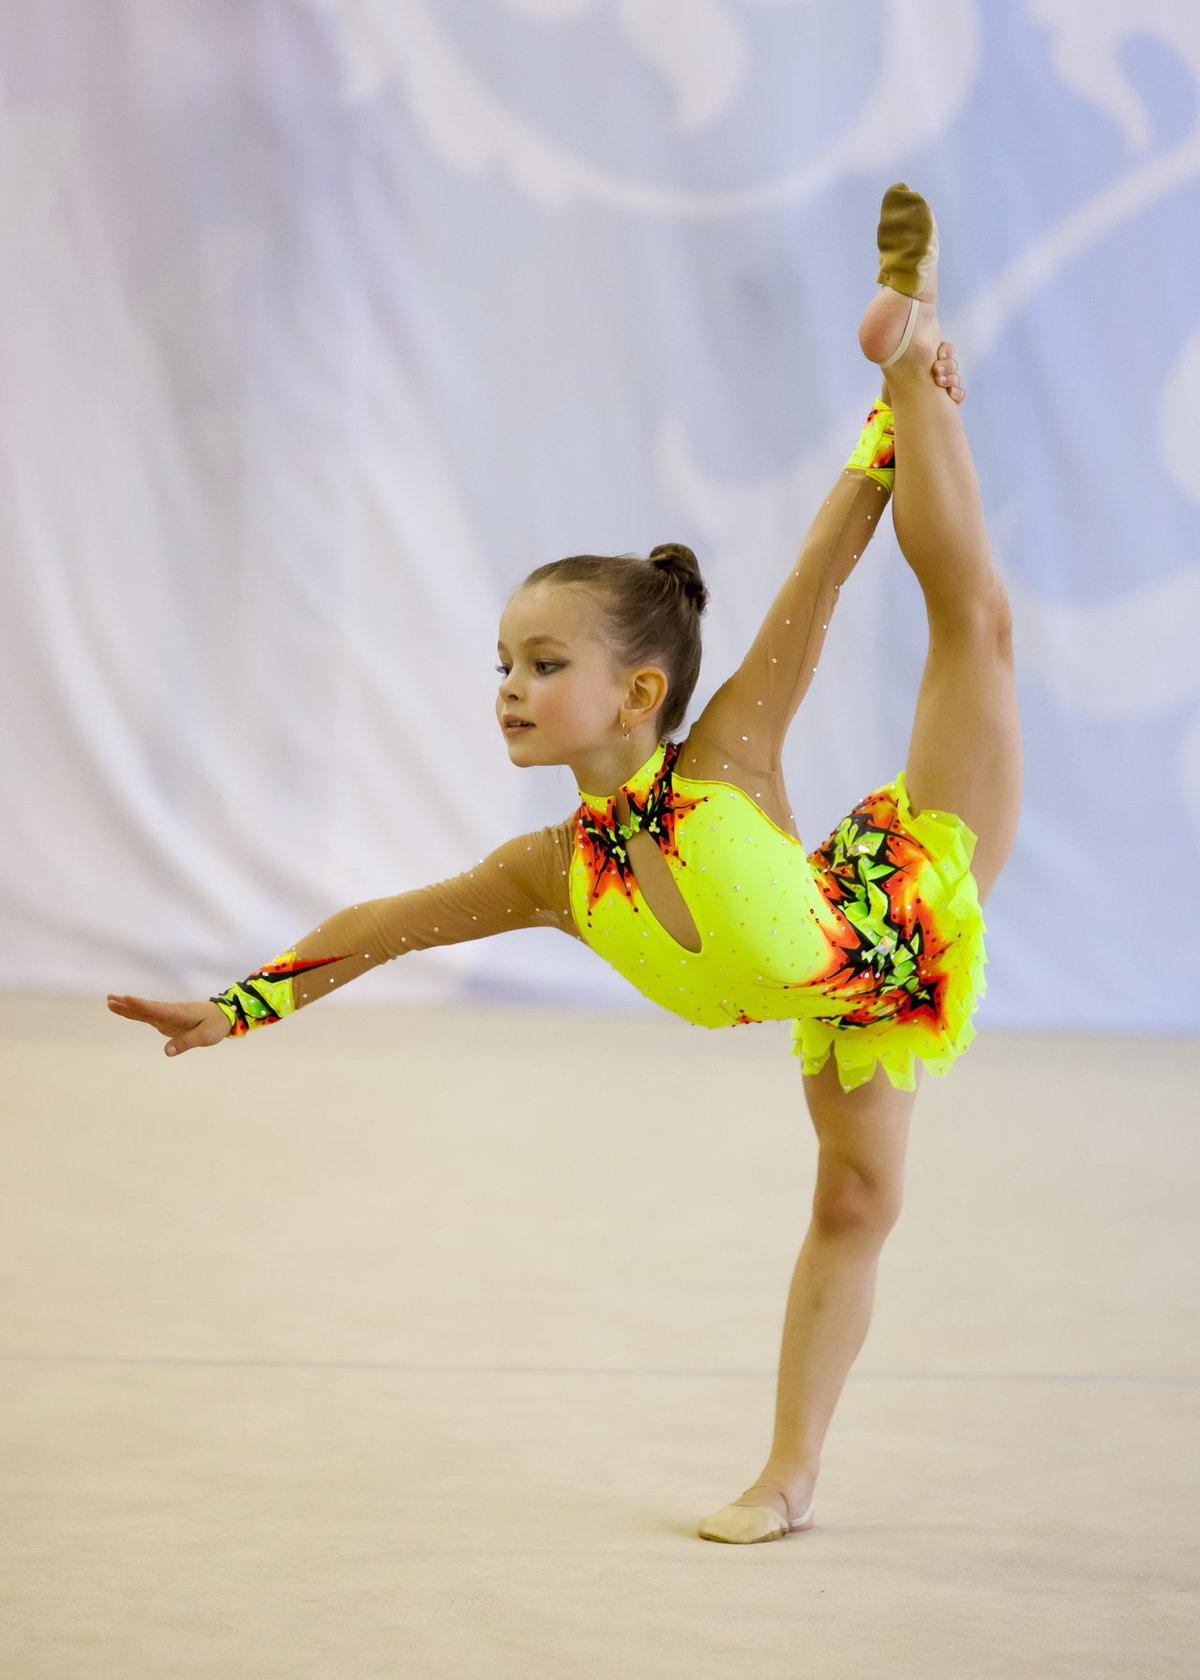 своего картинки маленьких гимнасток на соревнованиях увидеть тебя